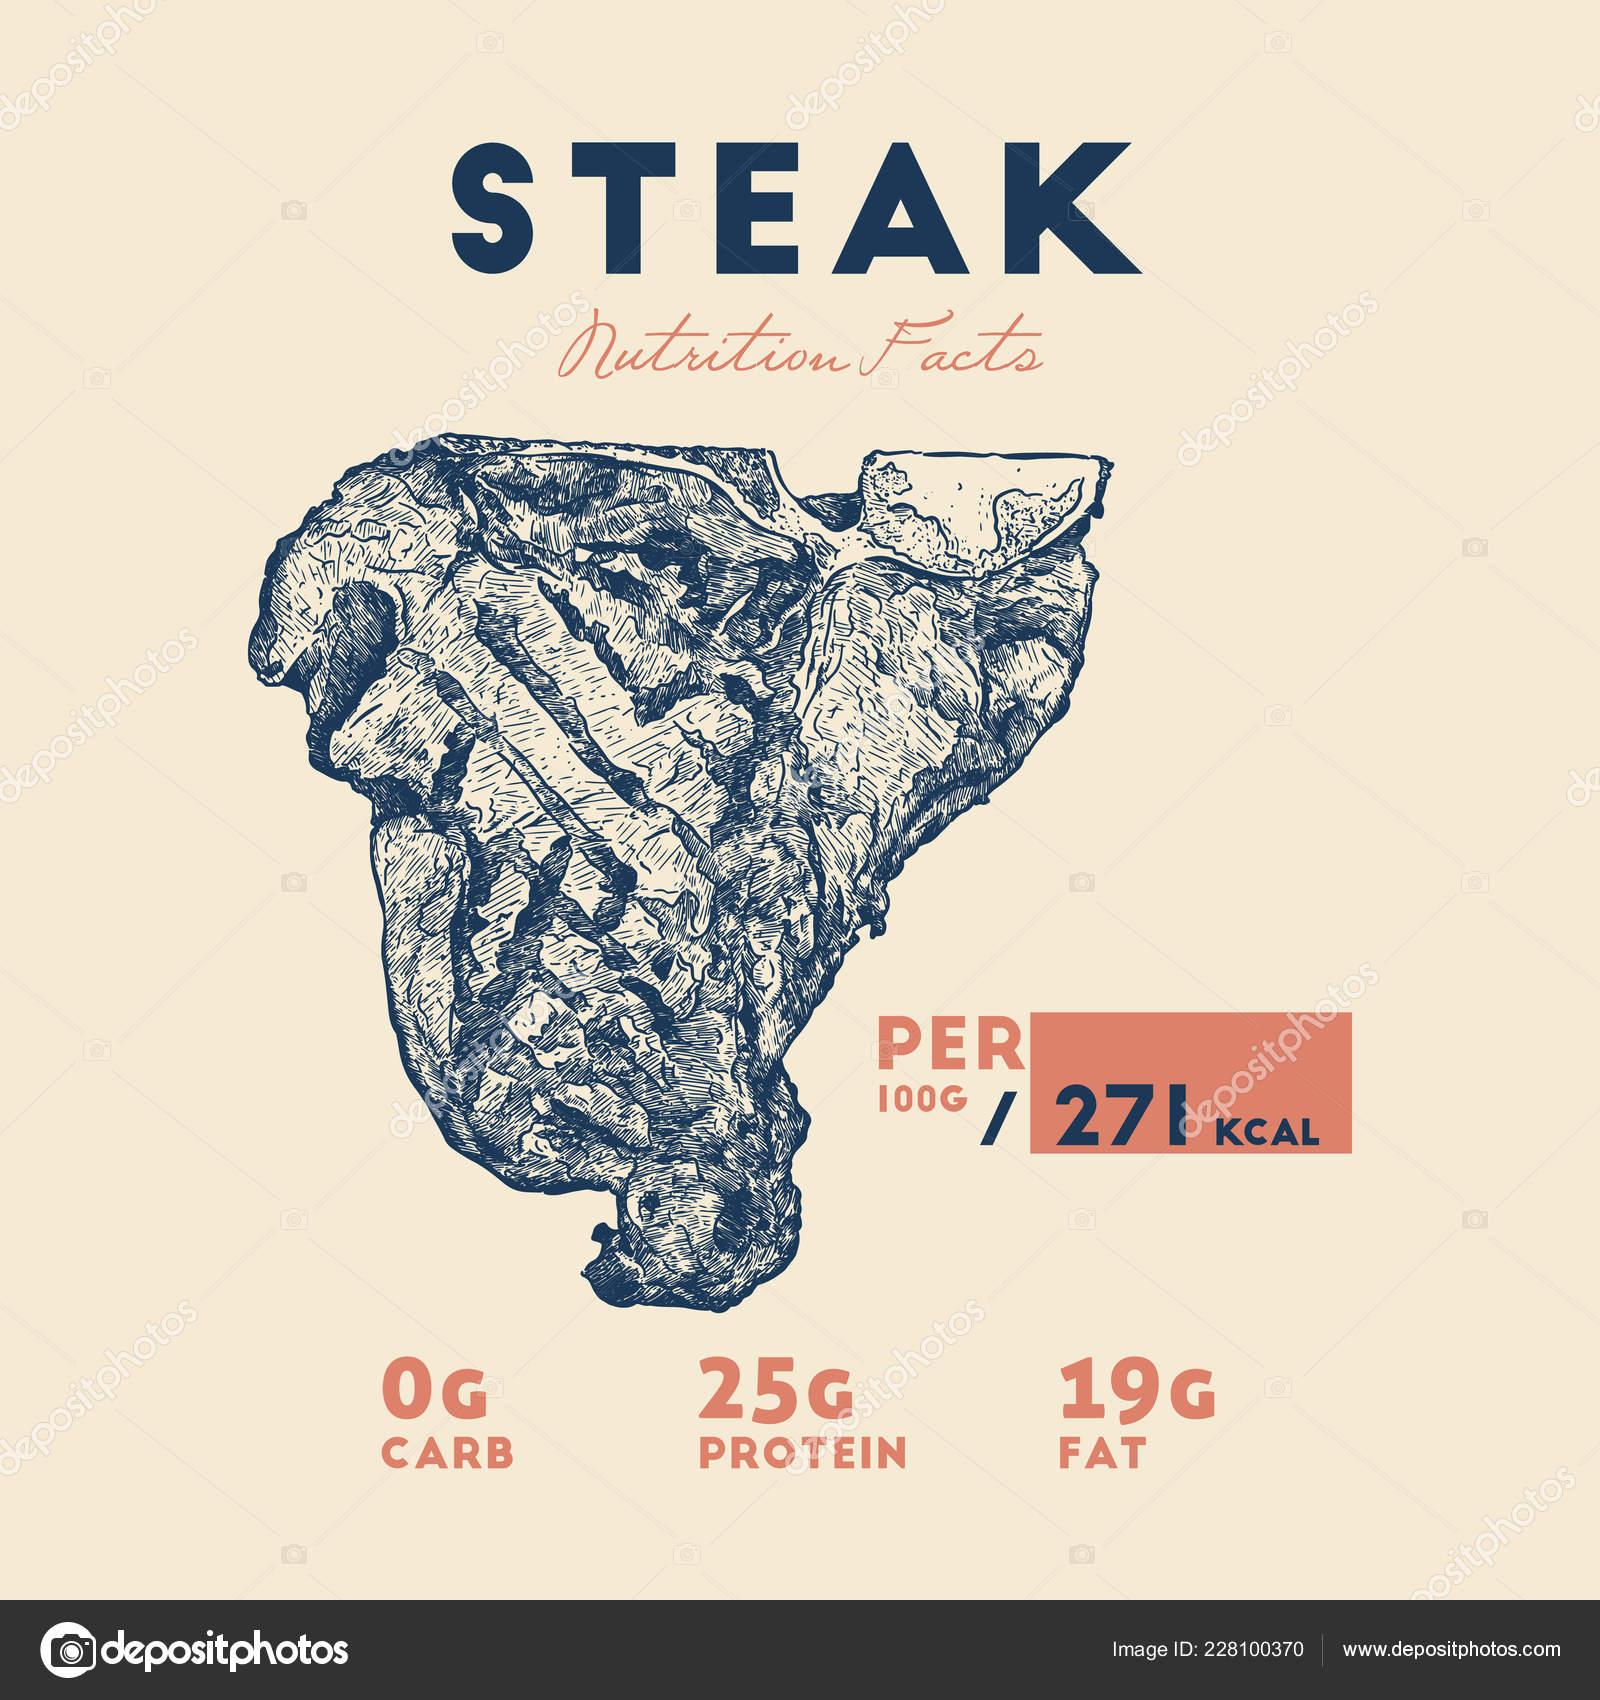 Health Benefits Beef Steak Nutrition Facts Hand Drawn Health